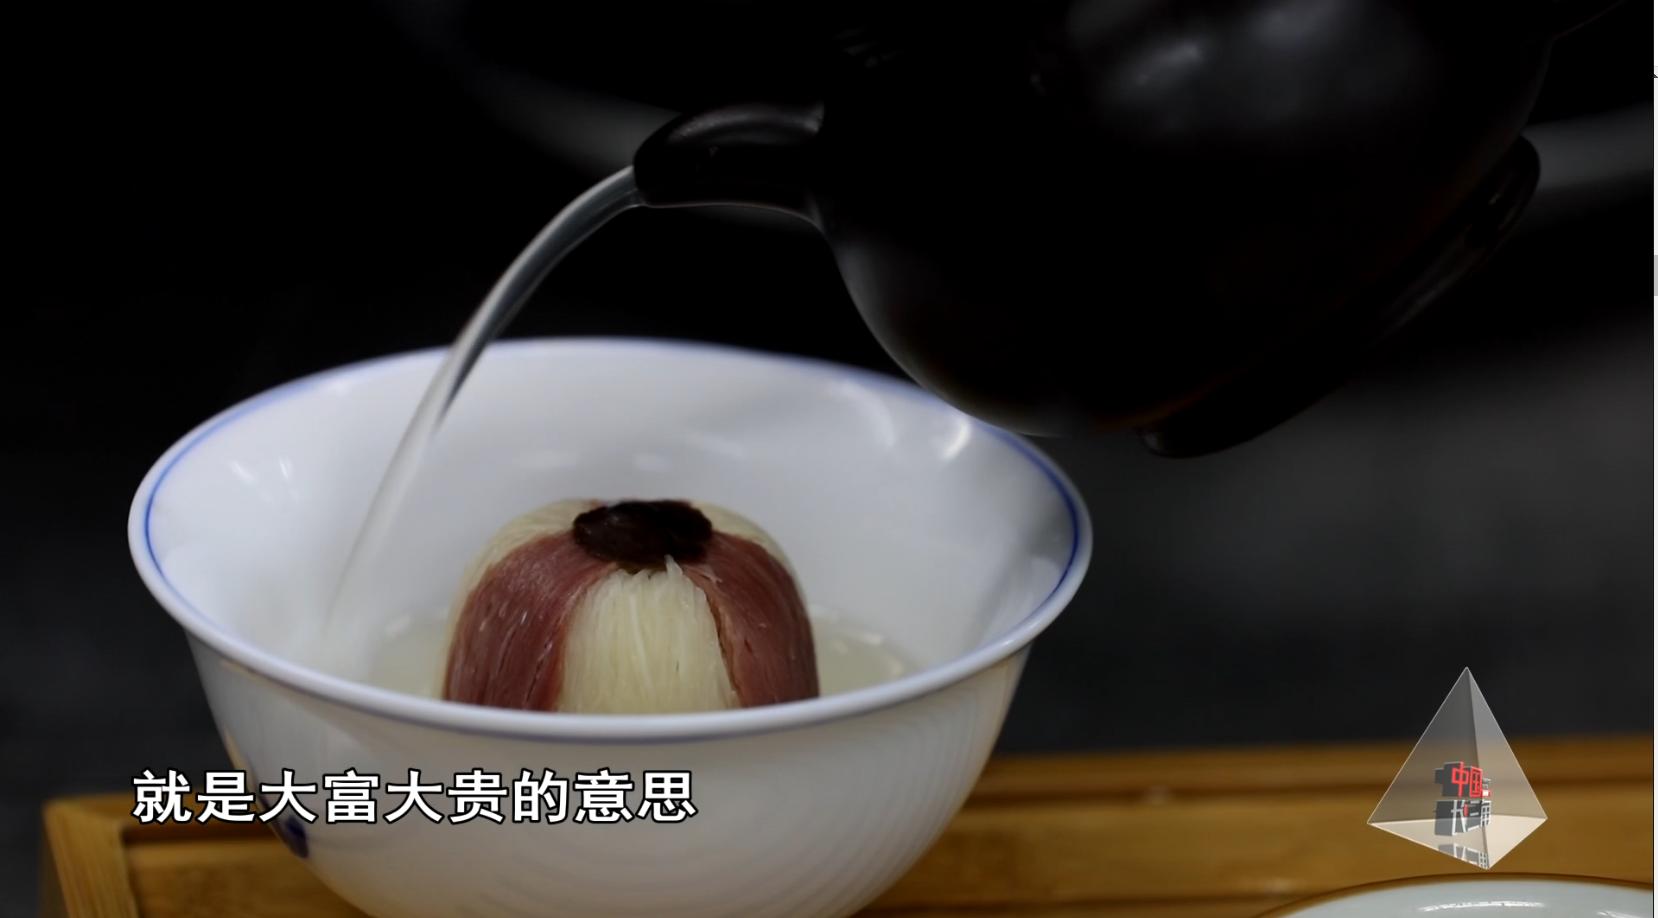 杏悦视频|舌尖上的非遗本帮杏悦的味道图片